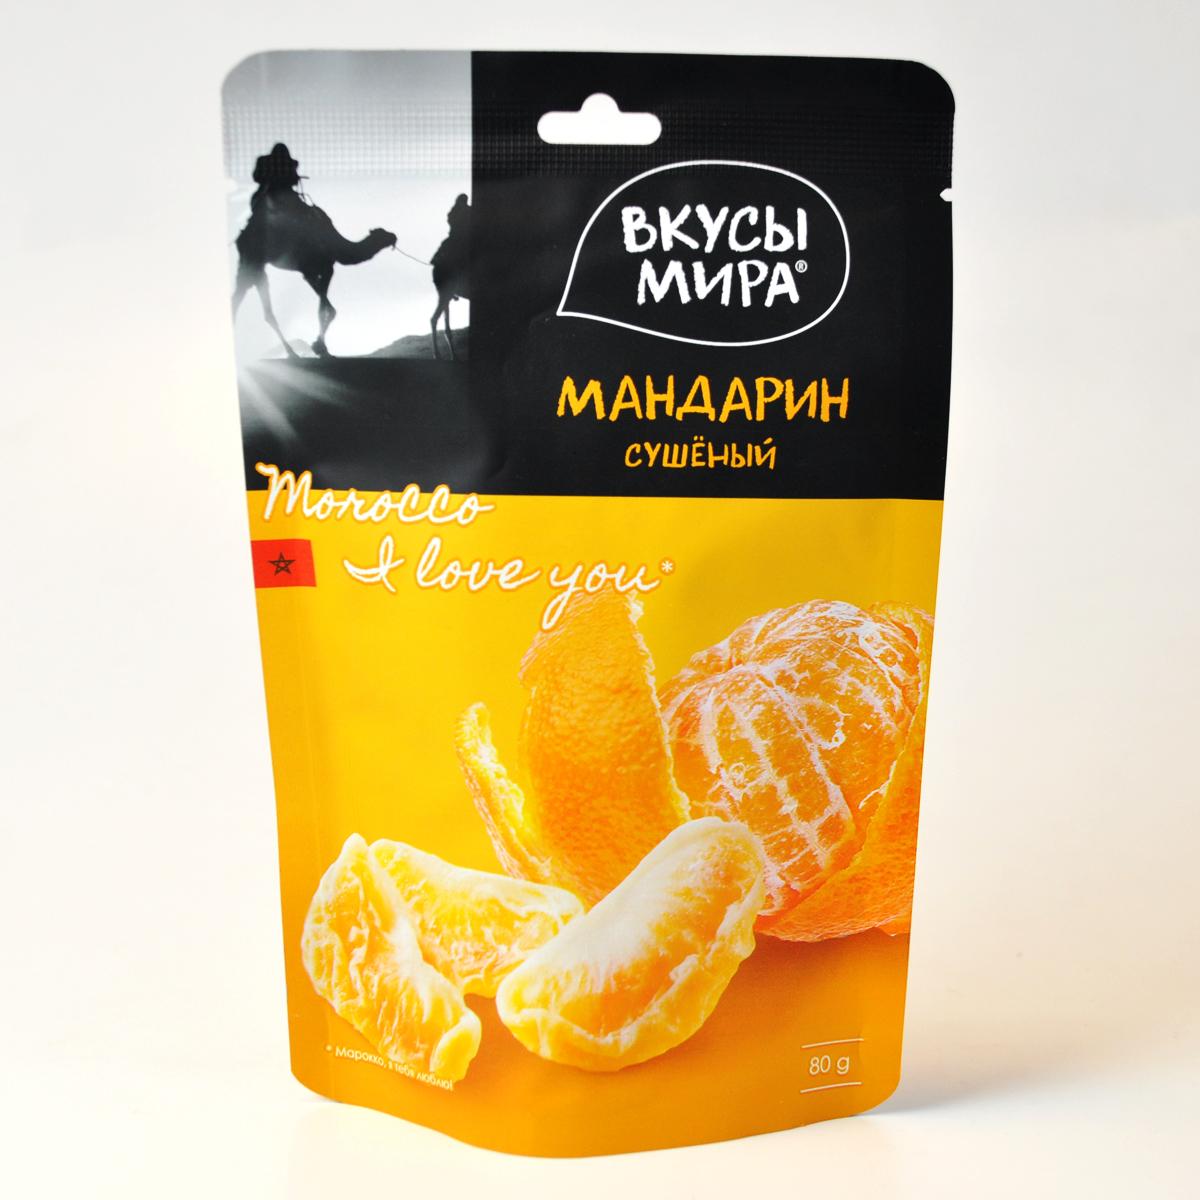 Мандарин сушеный  Вкусы мира  80 гр